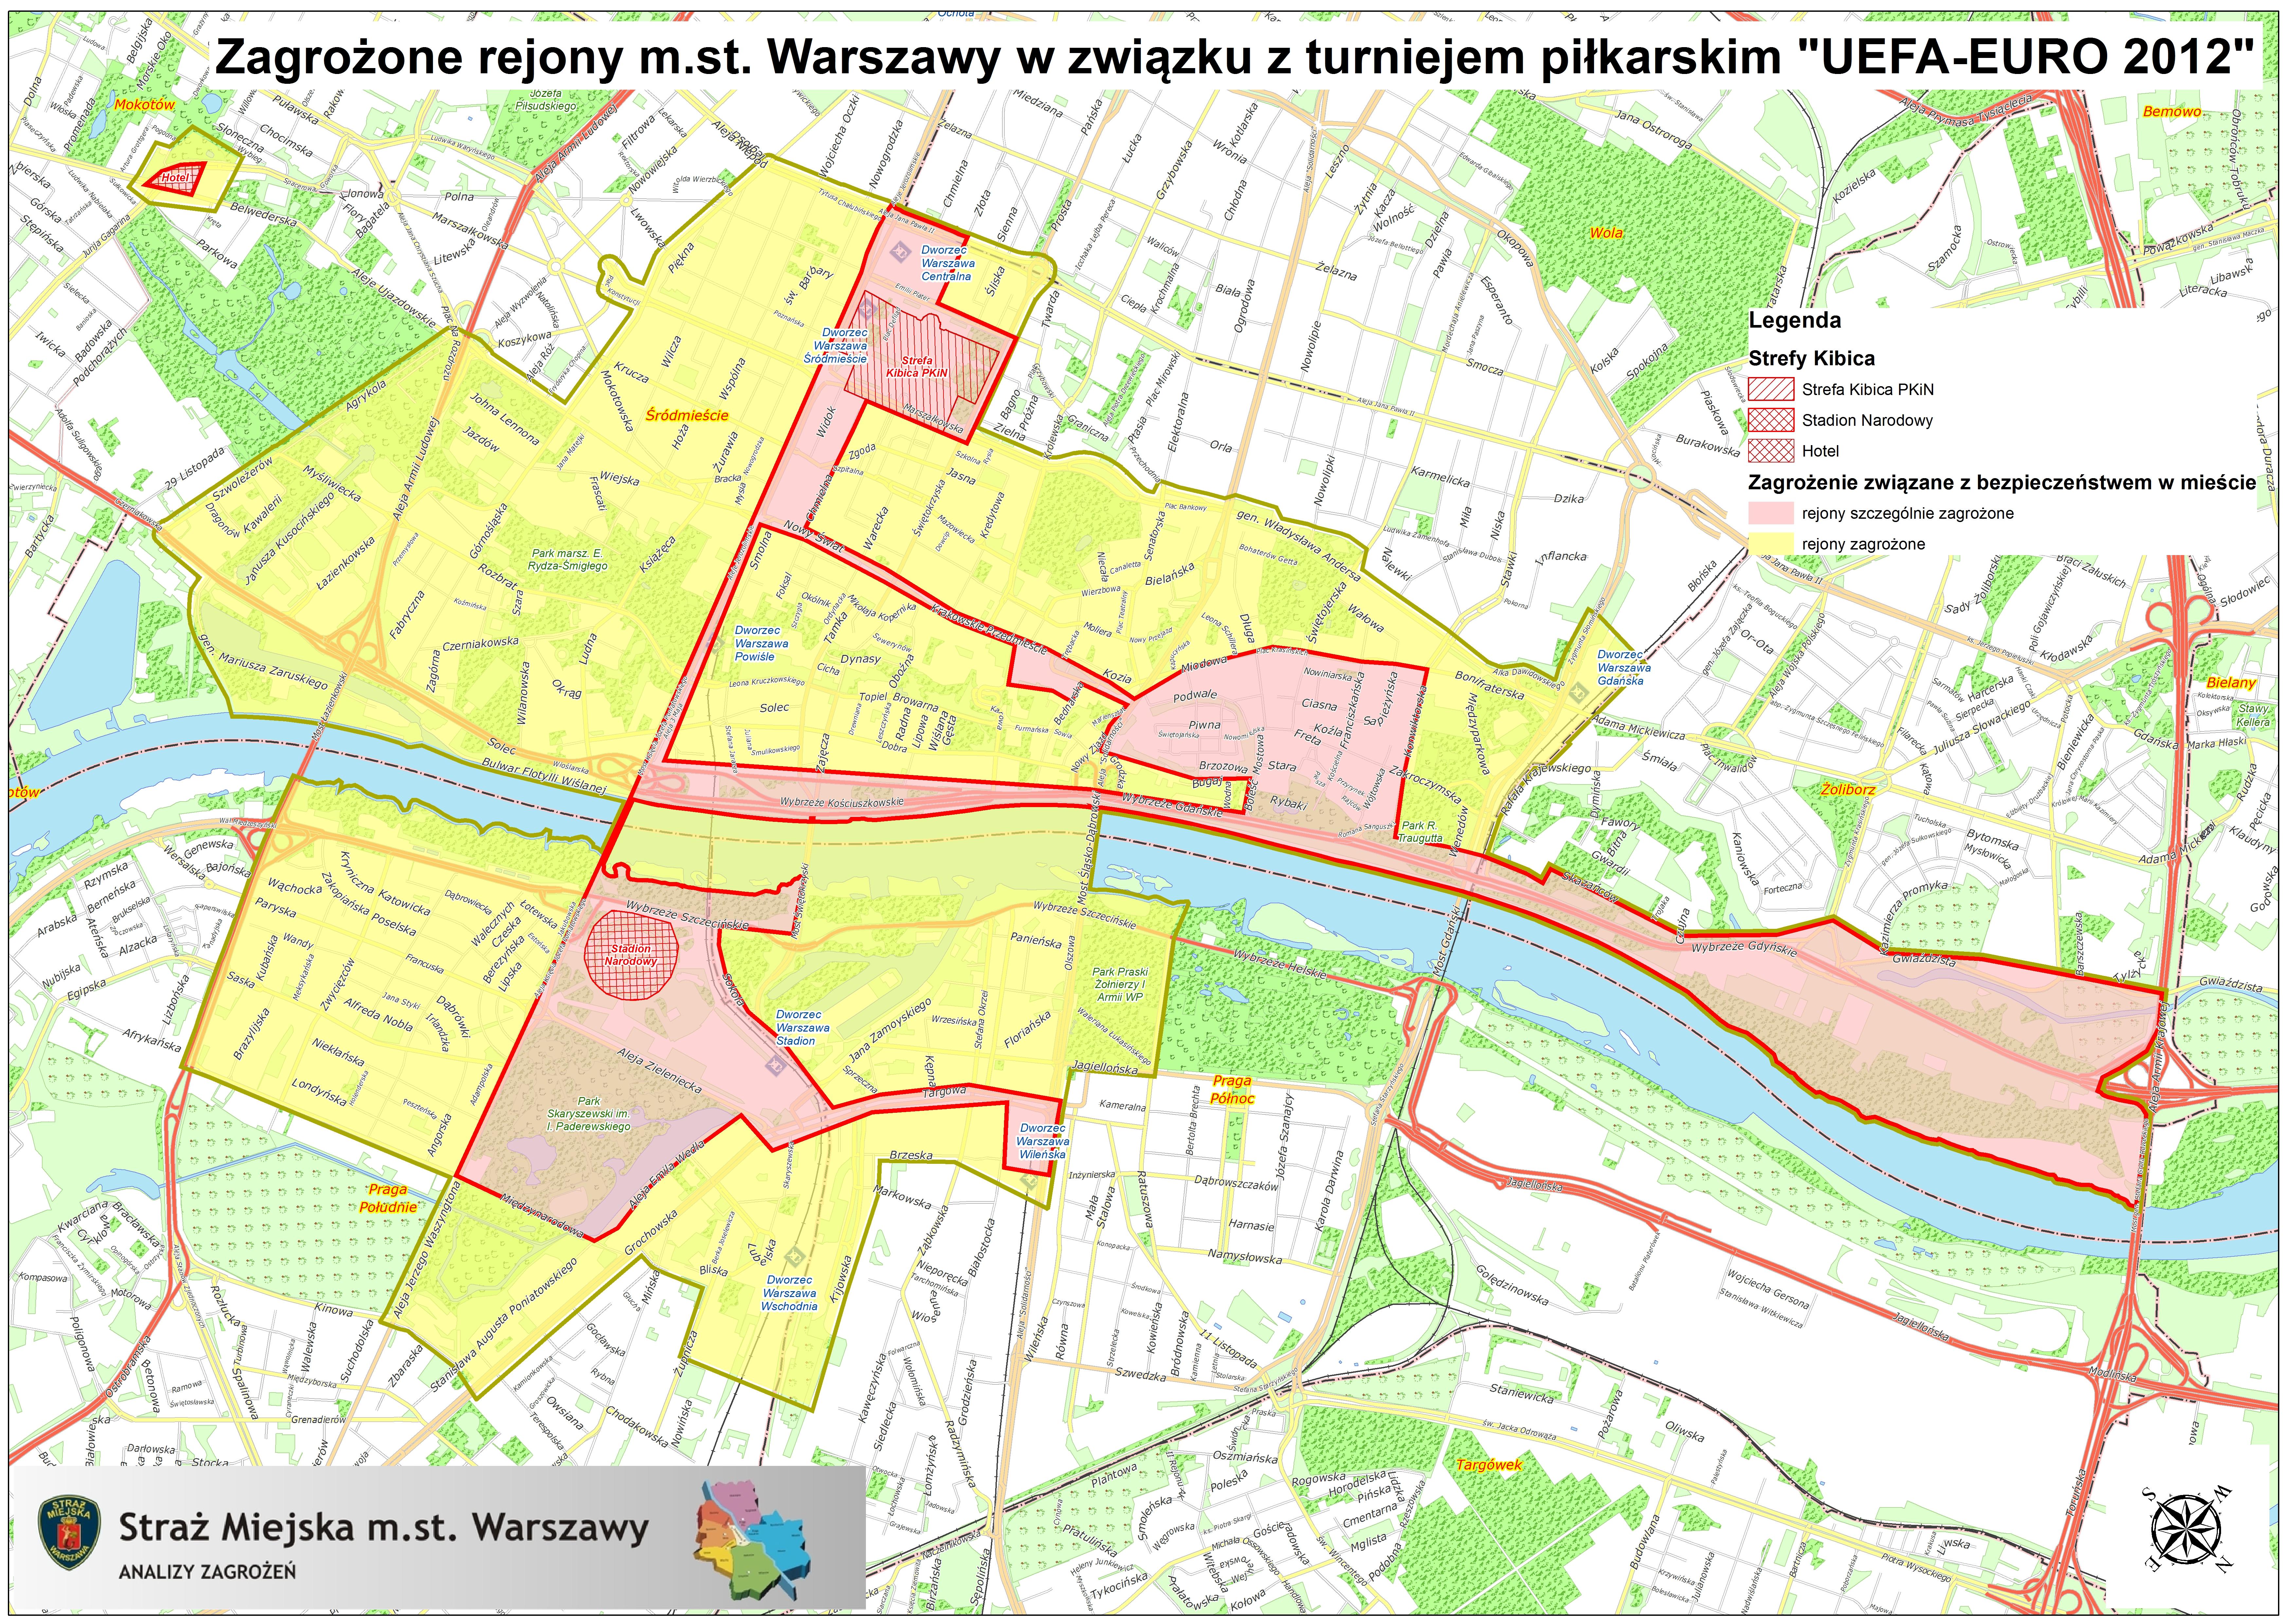 Rys. 5. Wizualizacja stref zagrożenia w Warszawie w związku z EURO 2012.